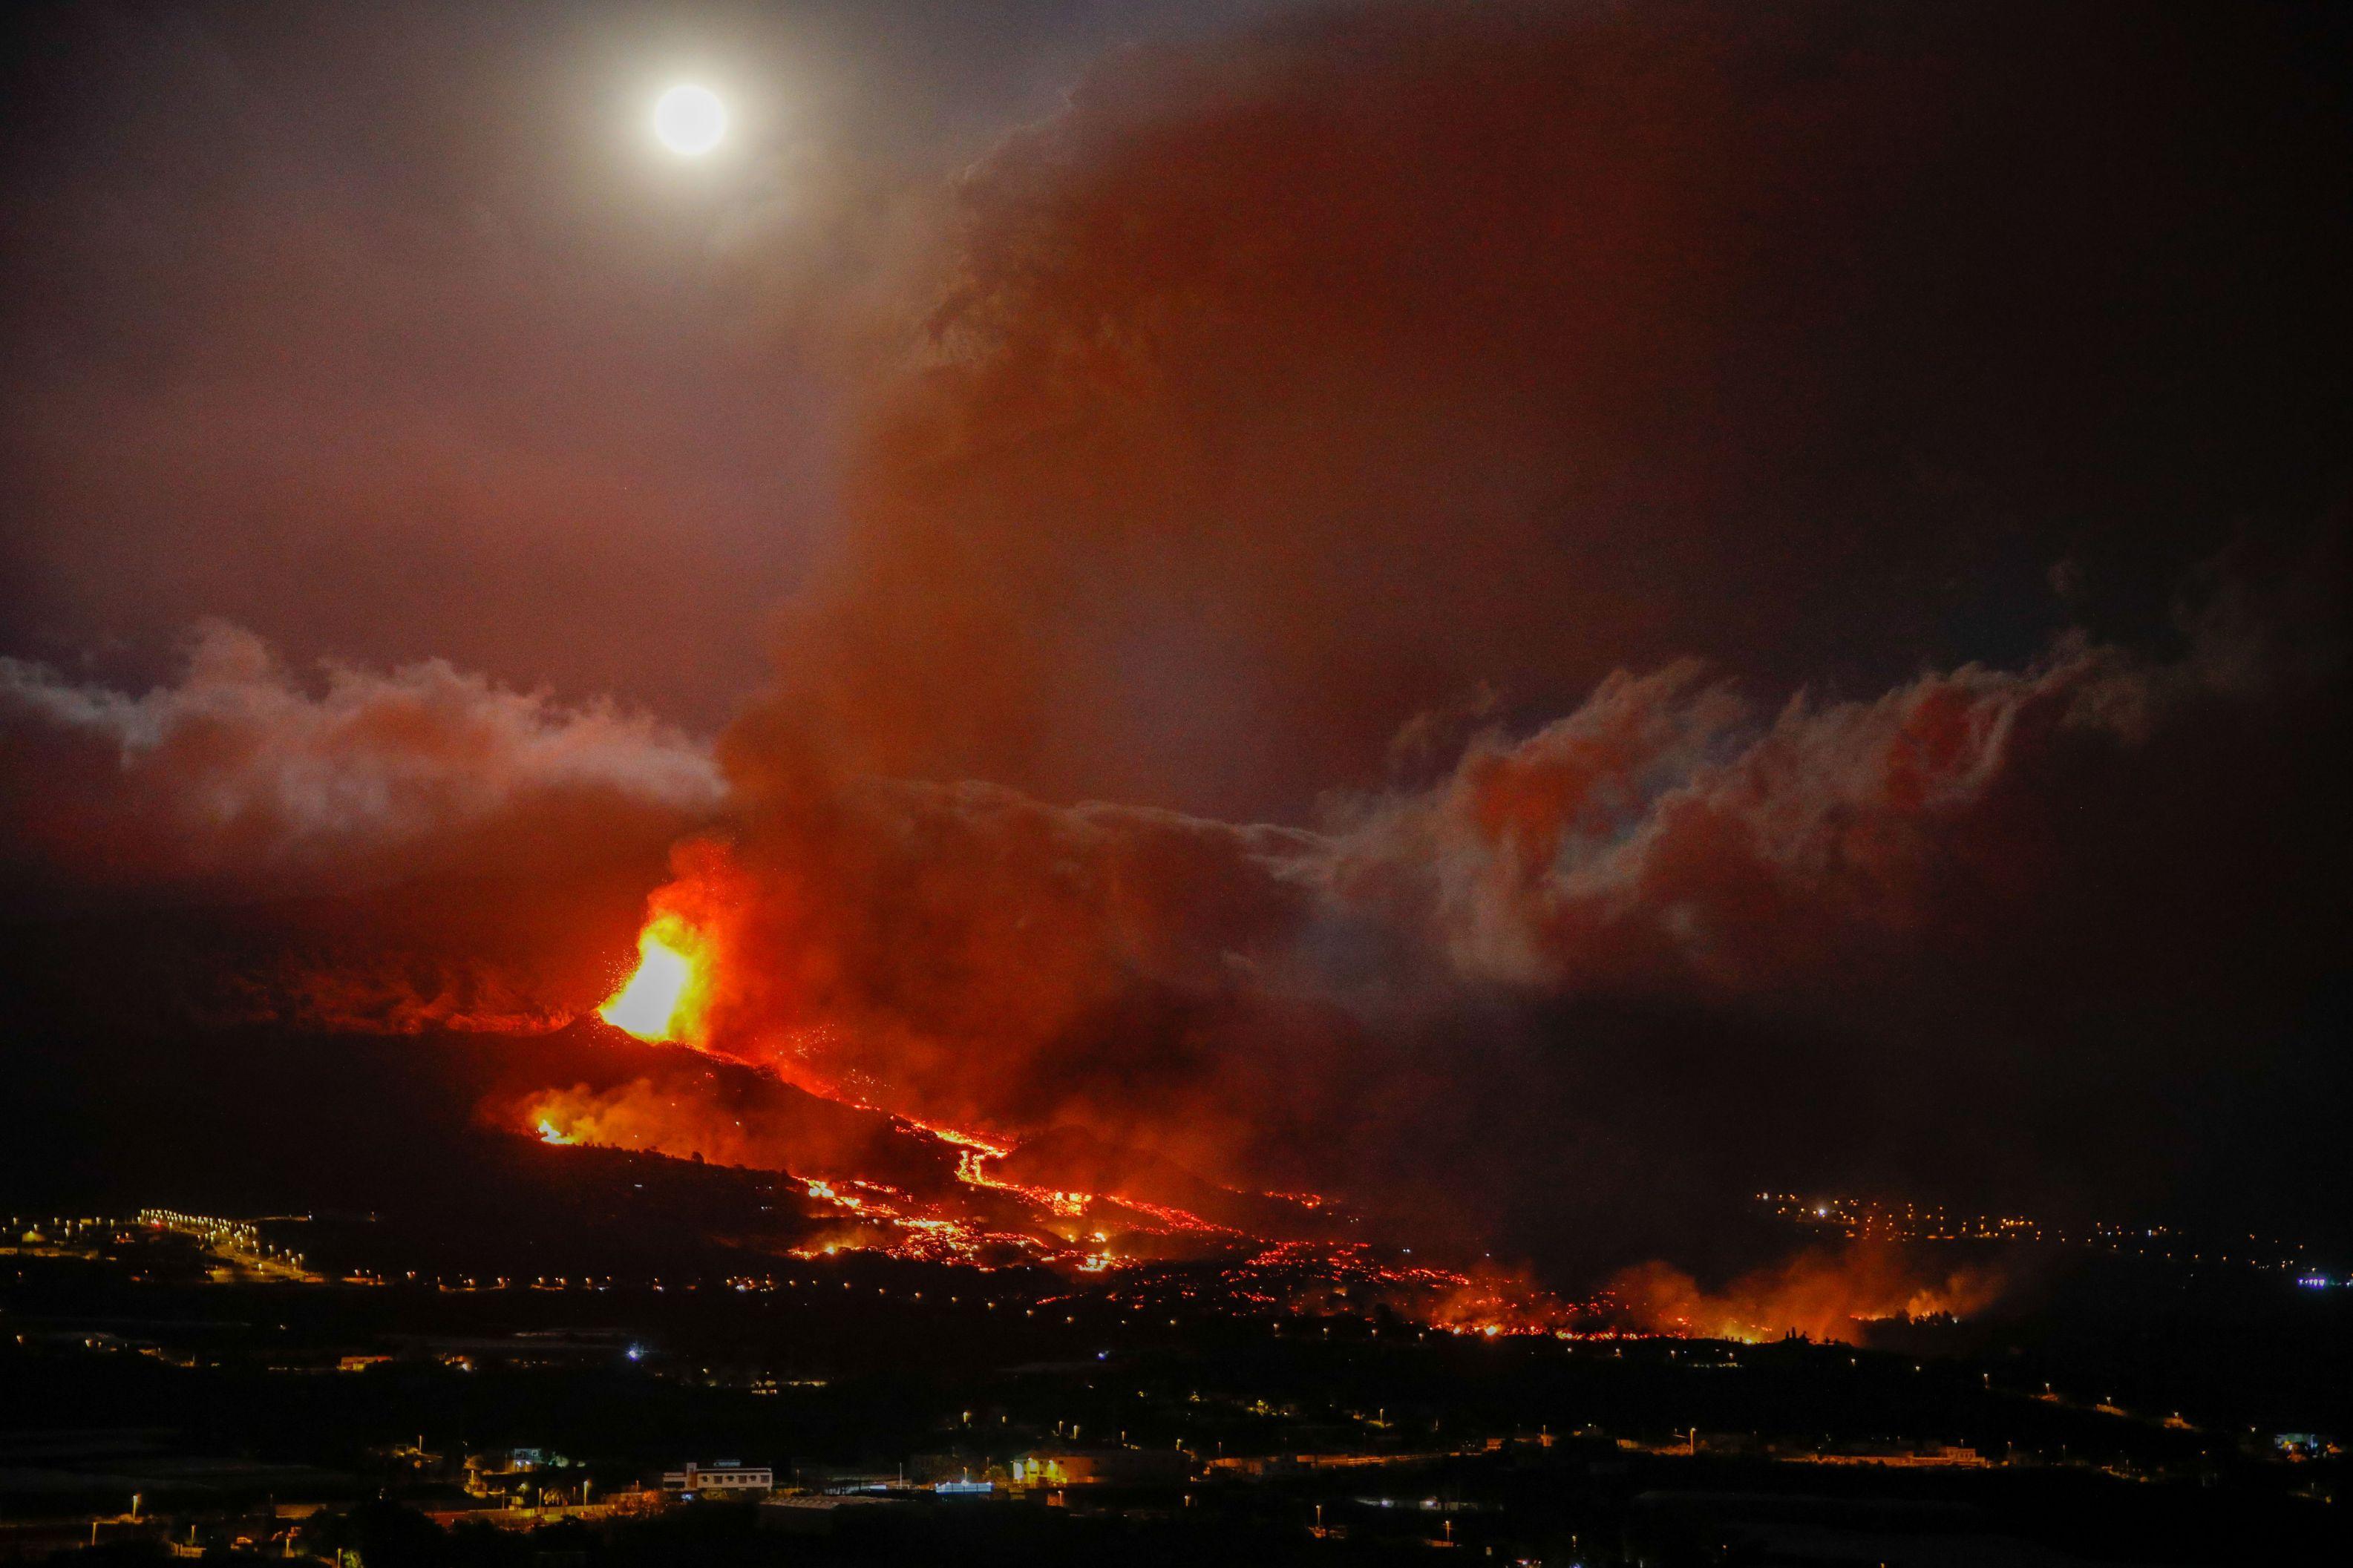 Erupţia vulcanului din La Palma. Aproximativ 10.000 de persoane sunt evacuate de pe insulă. Lava continuă să avanseze